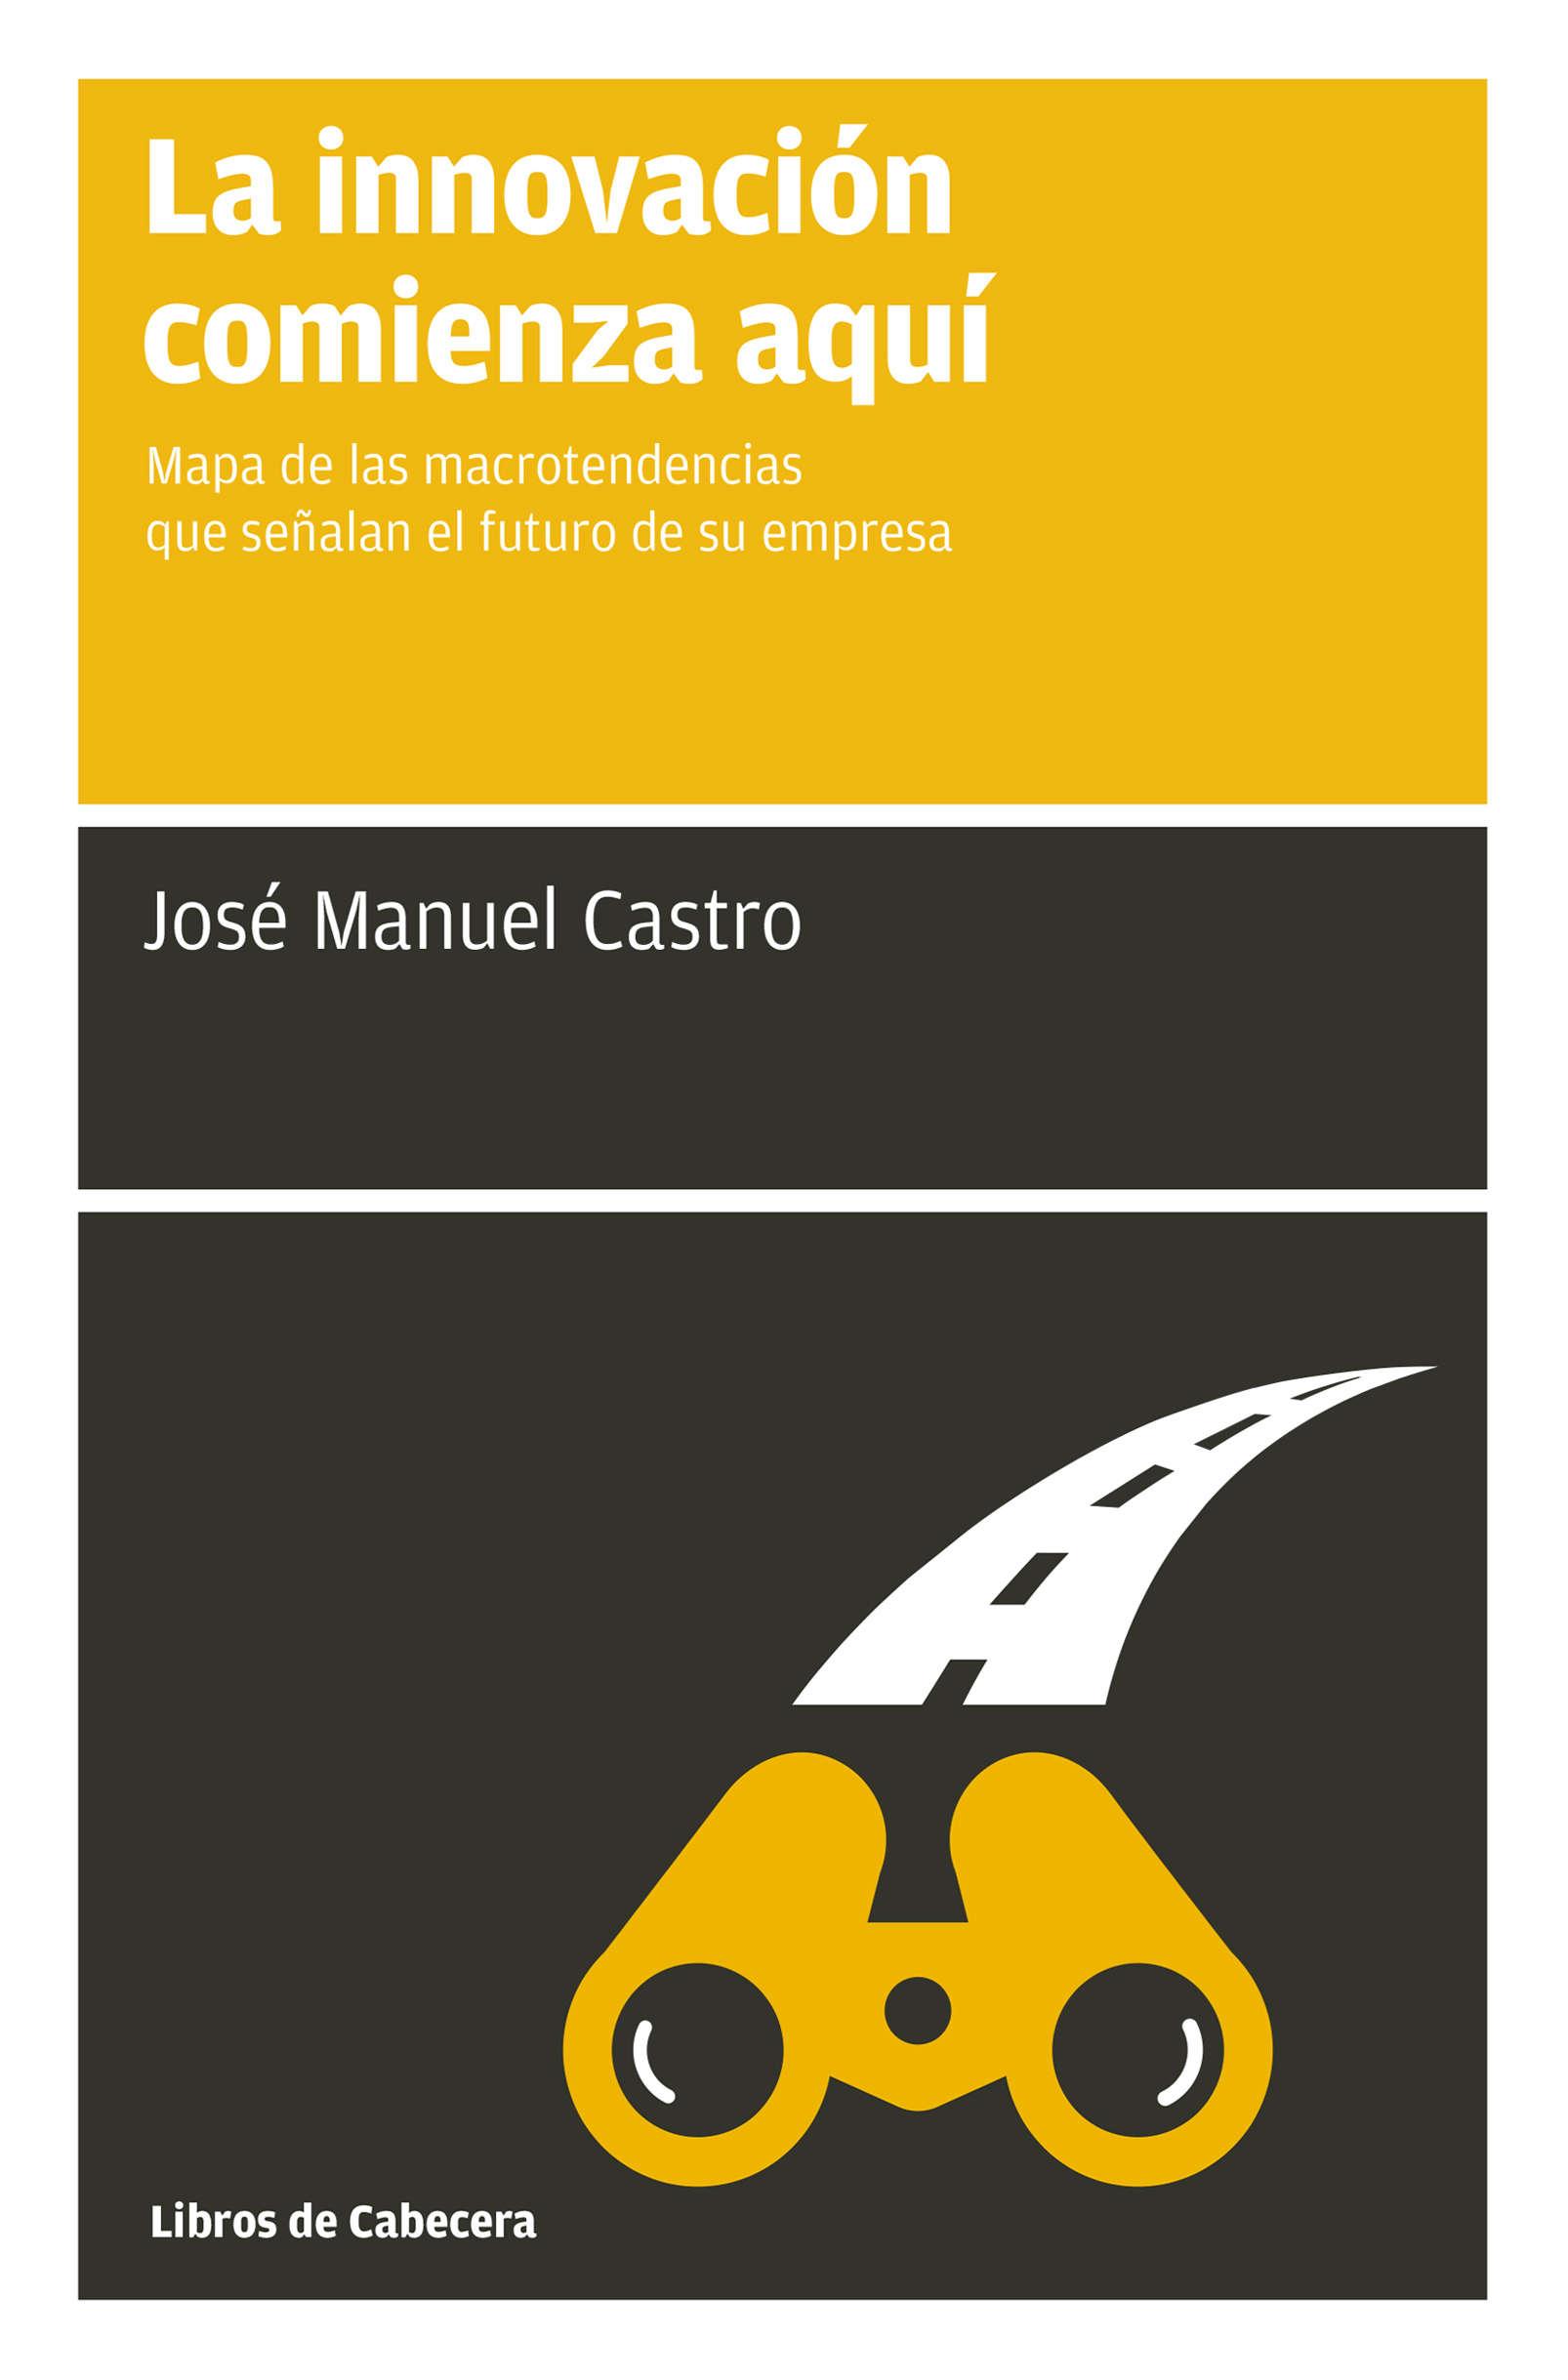 José Manuel Castro Pérez